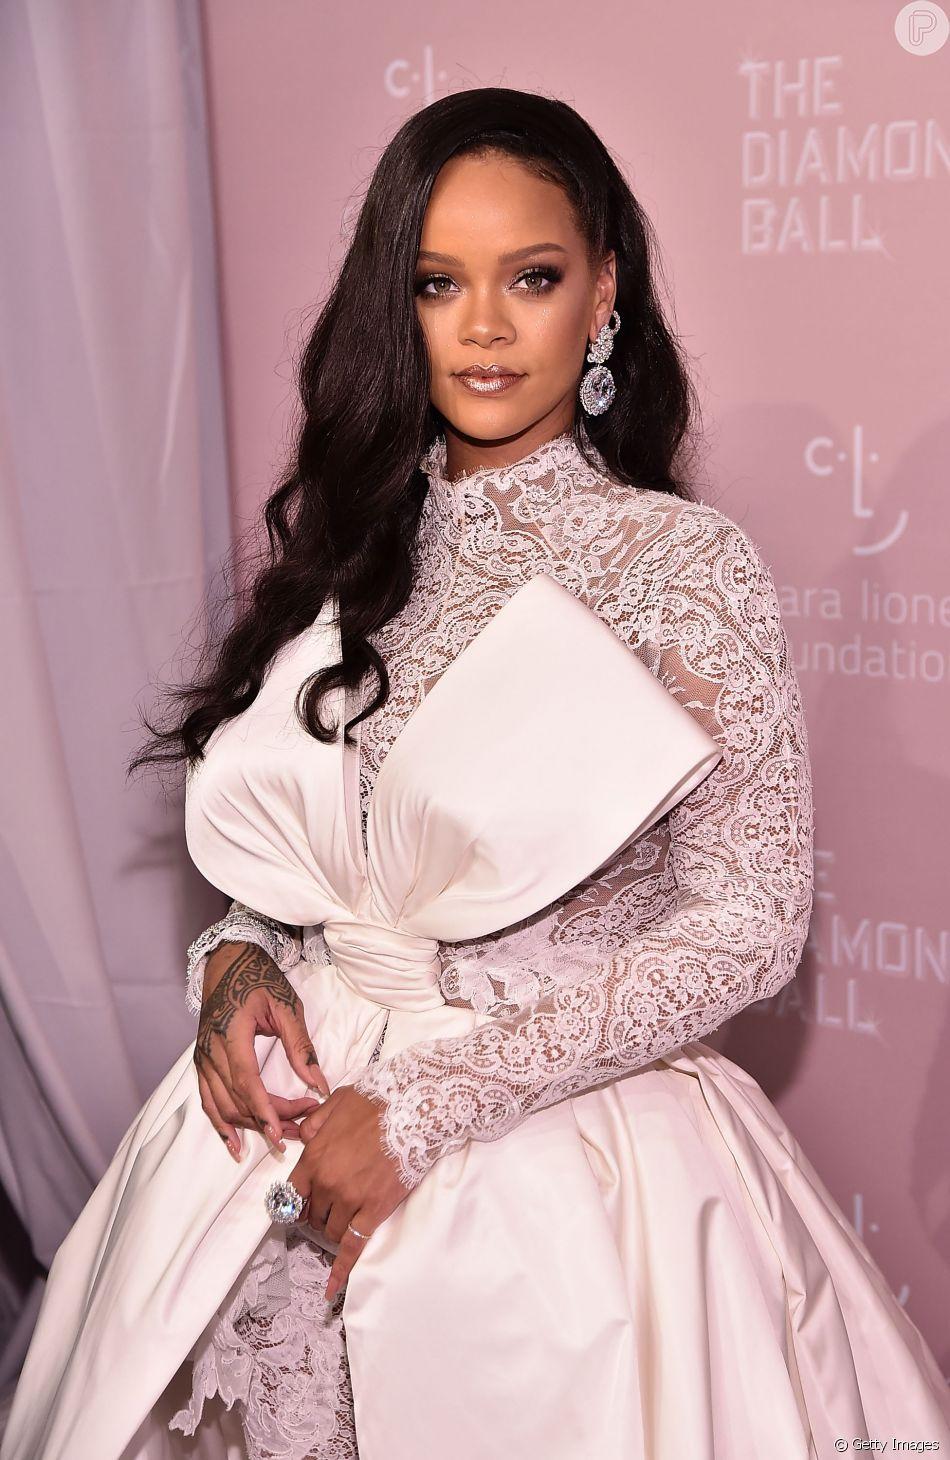 ee874d032bb Rihanna usou macacão de renda com laço gigante para promover o evento  beneficente